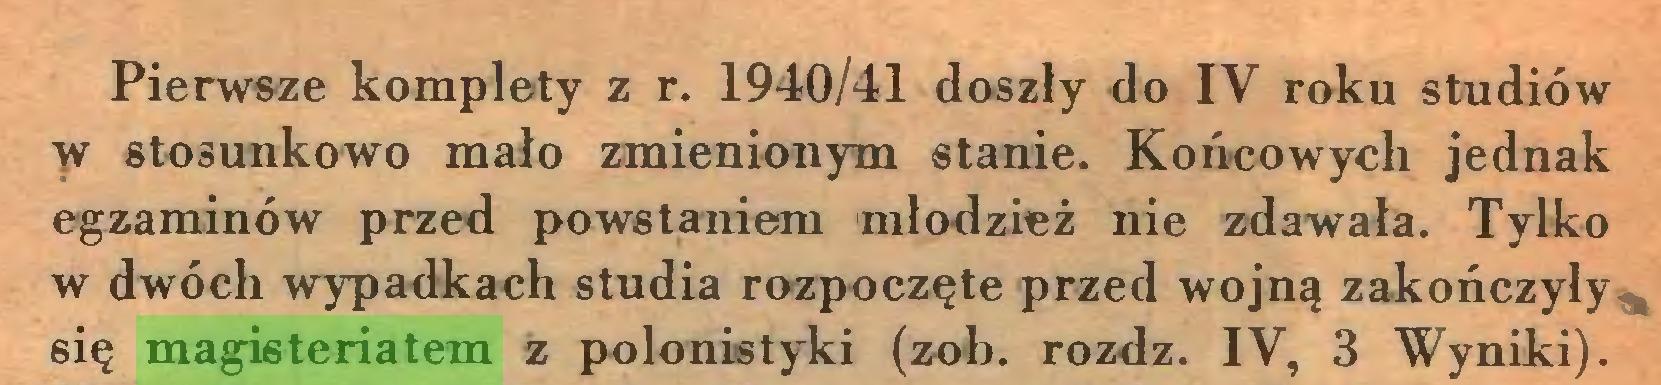 (...) Pierwsze komplety z r. 1940/41 doszły do IV roku studiów w stosunkowo mało zmienionym stanie. Końcowych jednak egzaminów przed powstaniem młodzież nie zdawała. Tylko w dwóch wypadkach studia rozpoczęte przed wojną zakończyły się magisteriatem z polonistyki (zob. rozdz. IV, 3 Wyniki)...